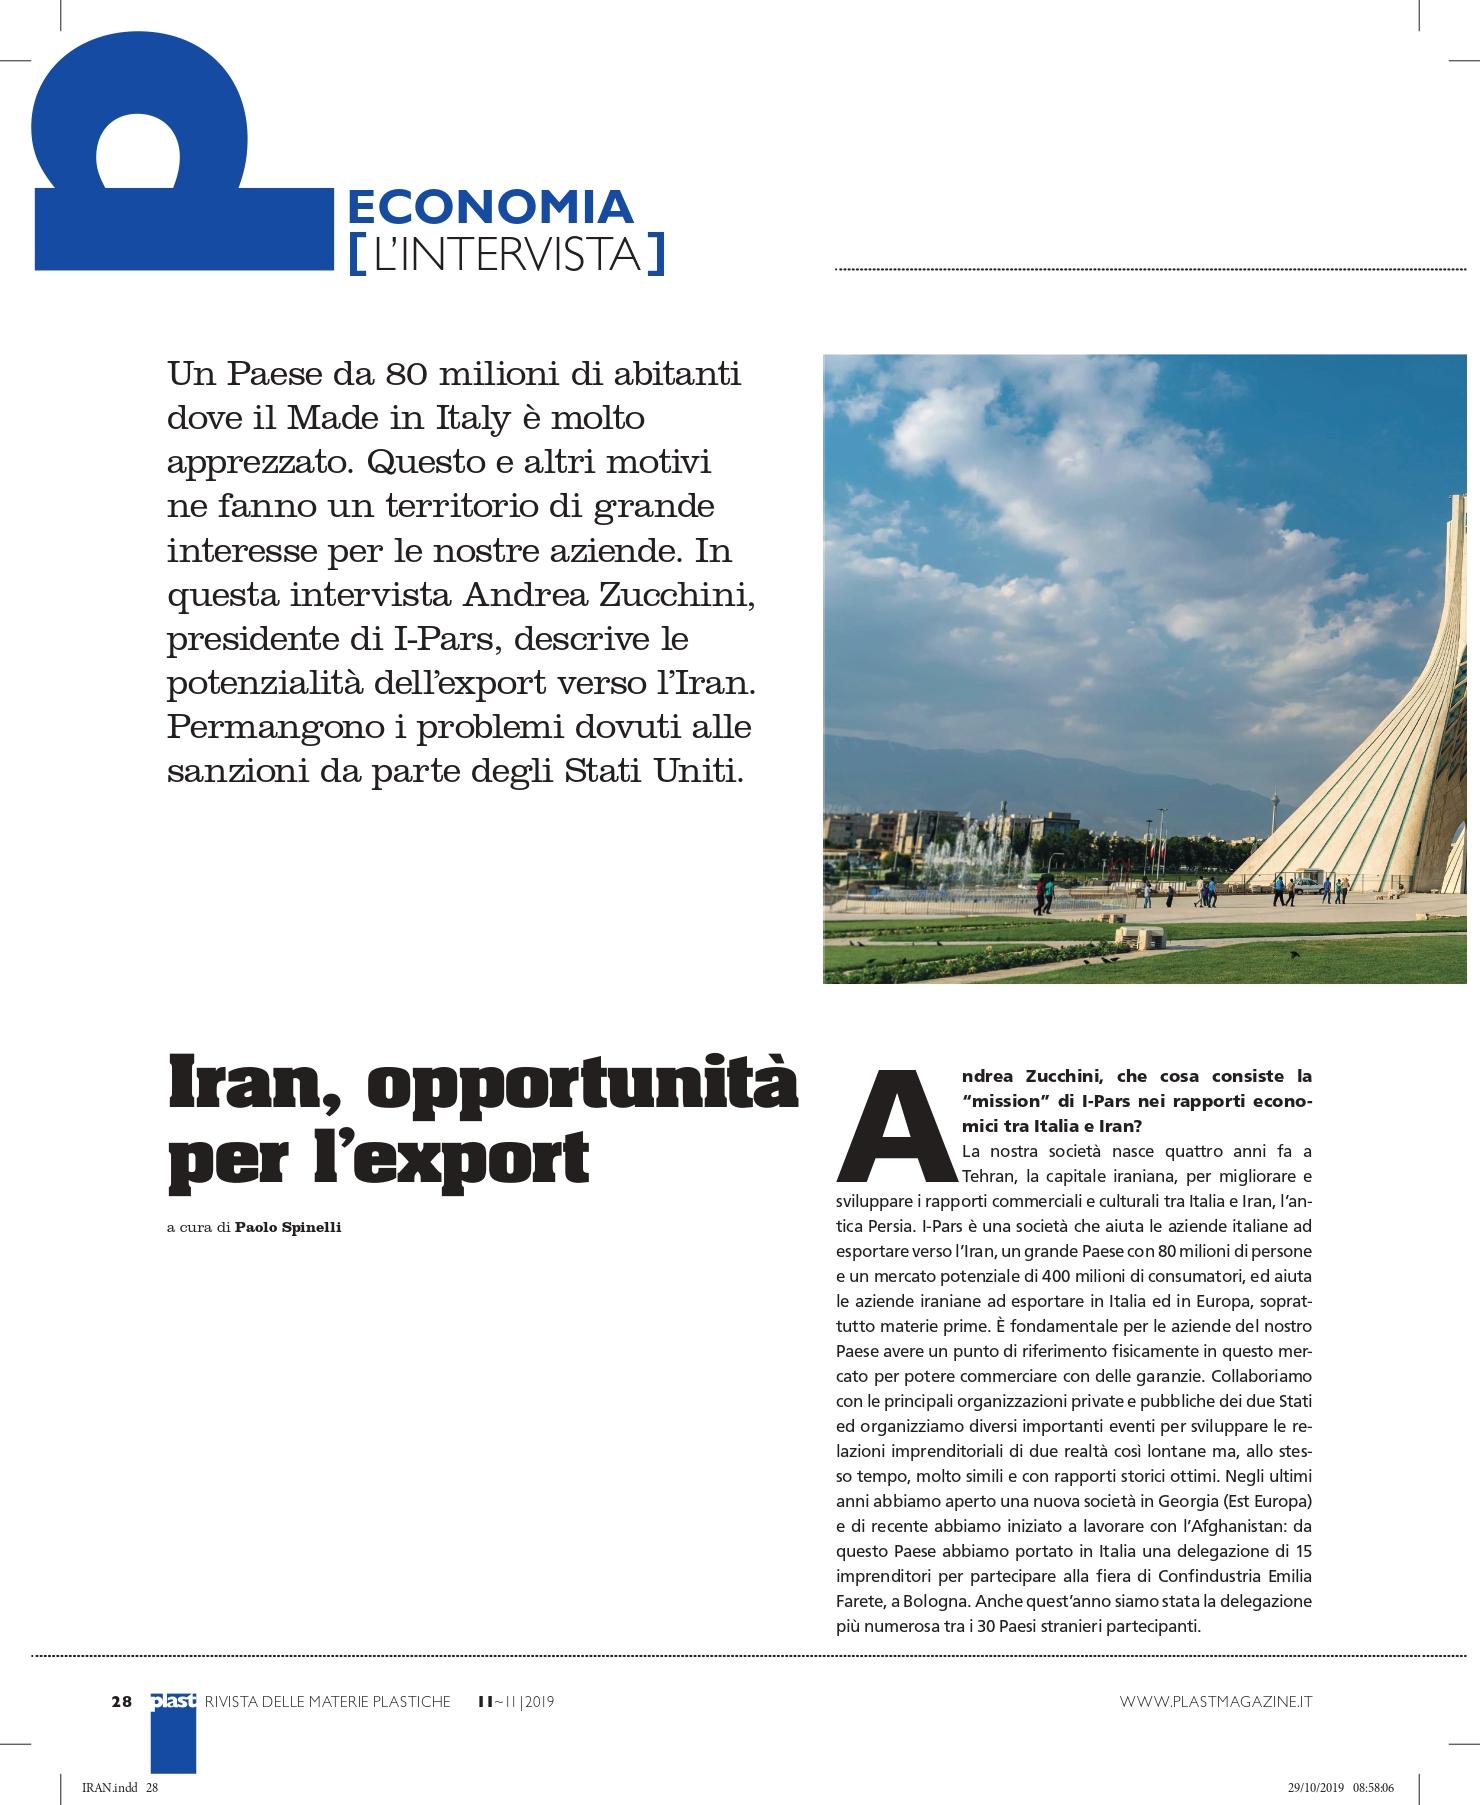 I-Pars intervista Plast magazine settore plastico IPars I Pars Italia Iran import export polimeri plastica